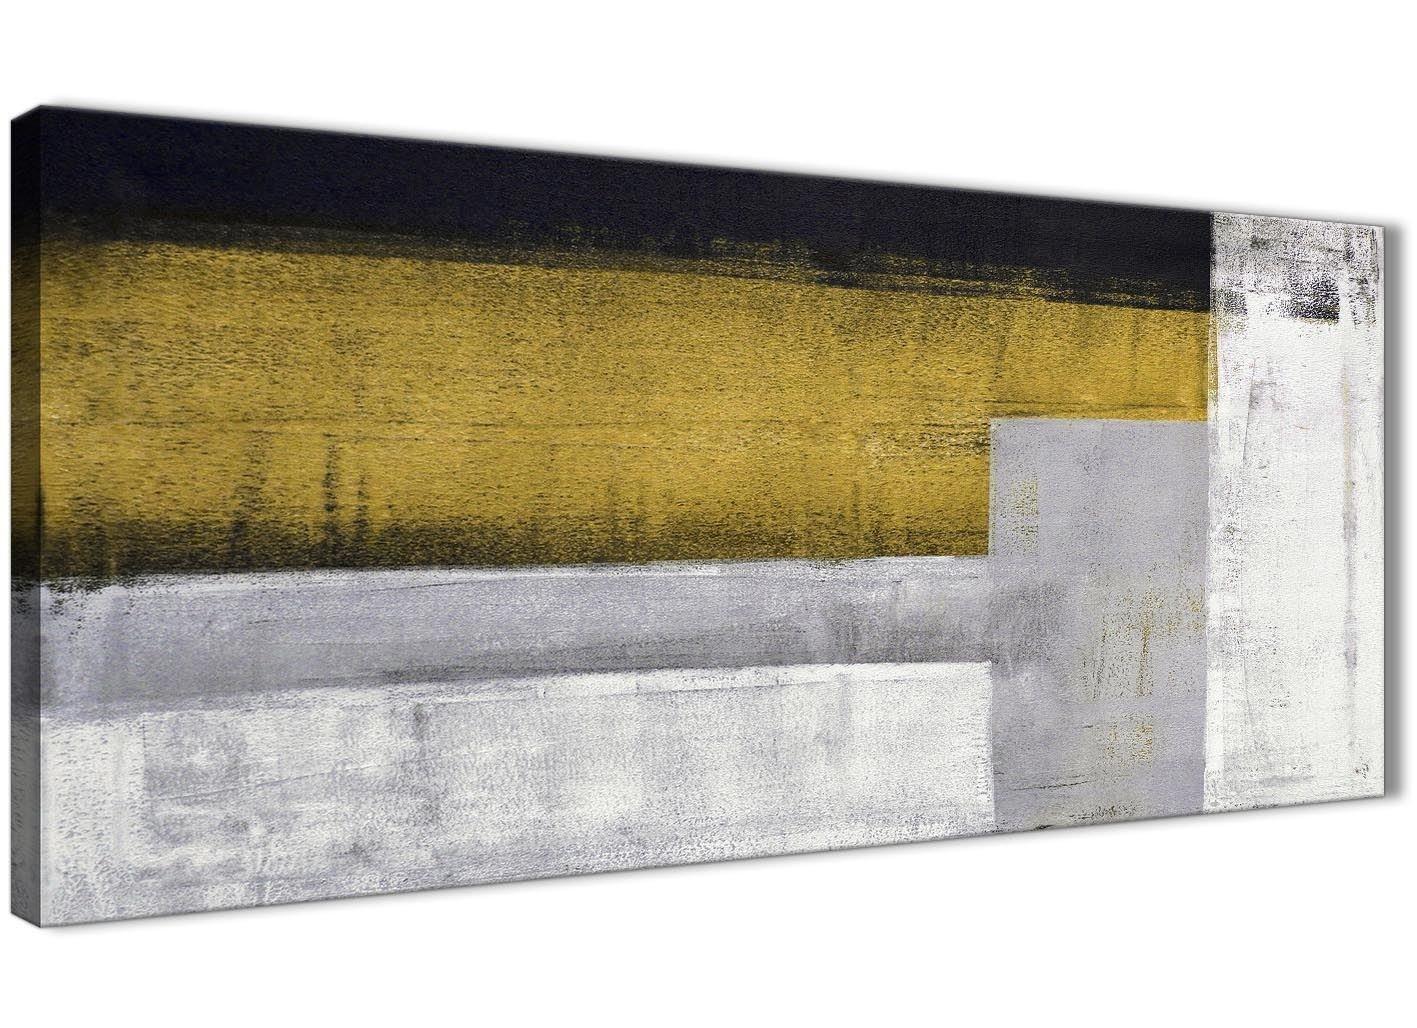 40% de descuento Wallfillers WTD - Lienzo Decorativo (Marco (Marco (Marco de 1425 a 120 cm, se Puede inverdeir lateralmente), diseño de Mostaza, Color Amarillo y gris  gran descuento